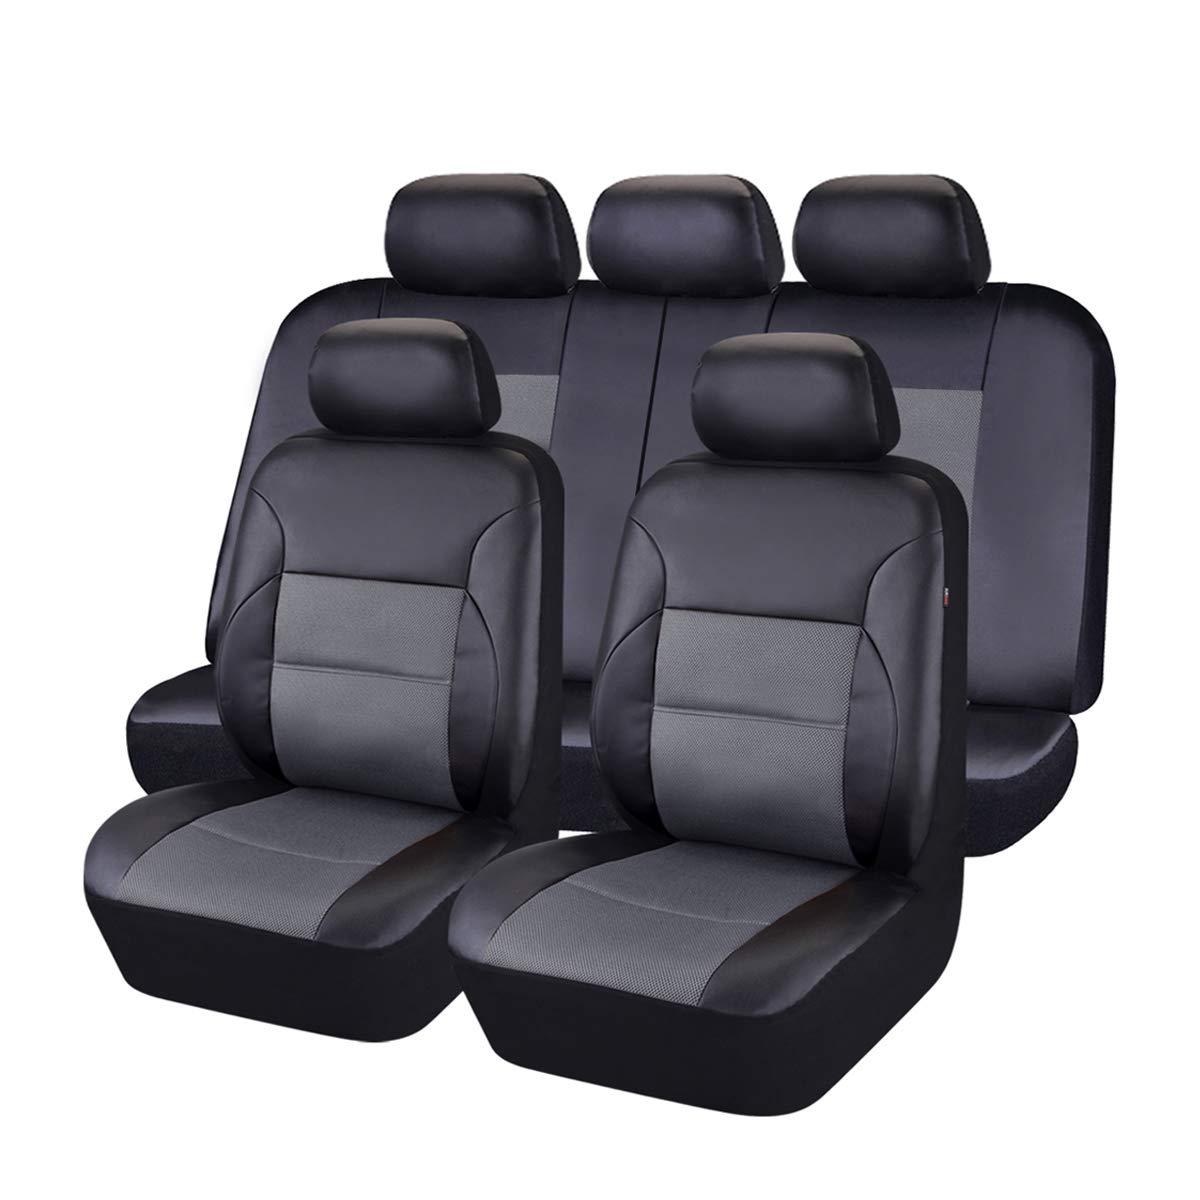 Airbag kompatibel mit 5 mm Composite Schwamm Innen Beige CAR PASS 11 LUXUS PU-Leder Automotive Universal Sitzbez/üge Set package-universal Passform f/ür Fahrzeuge